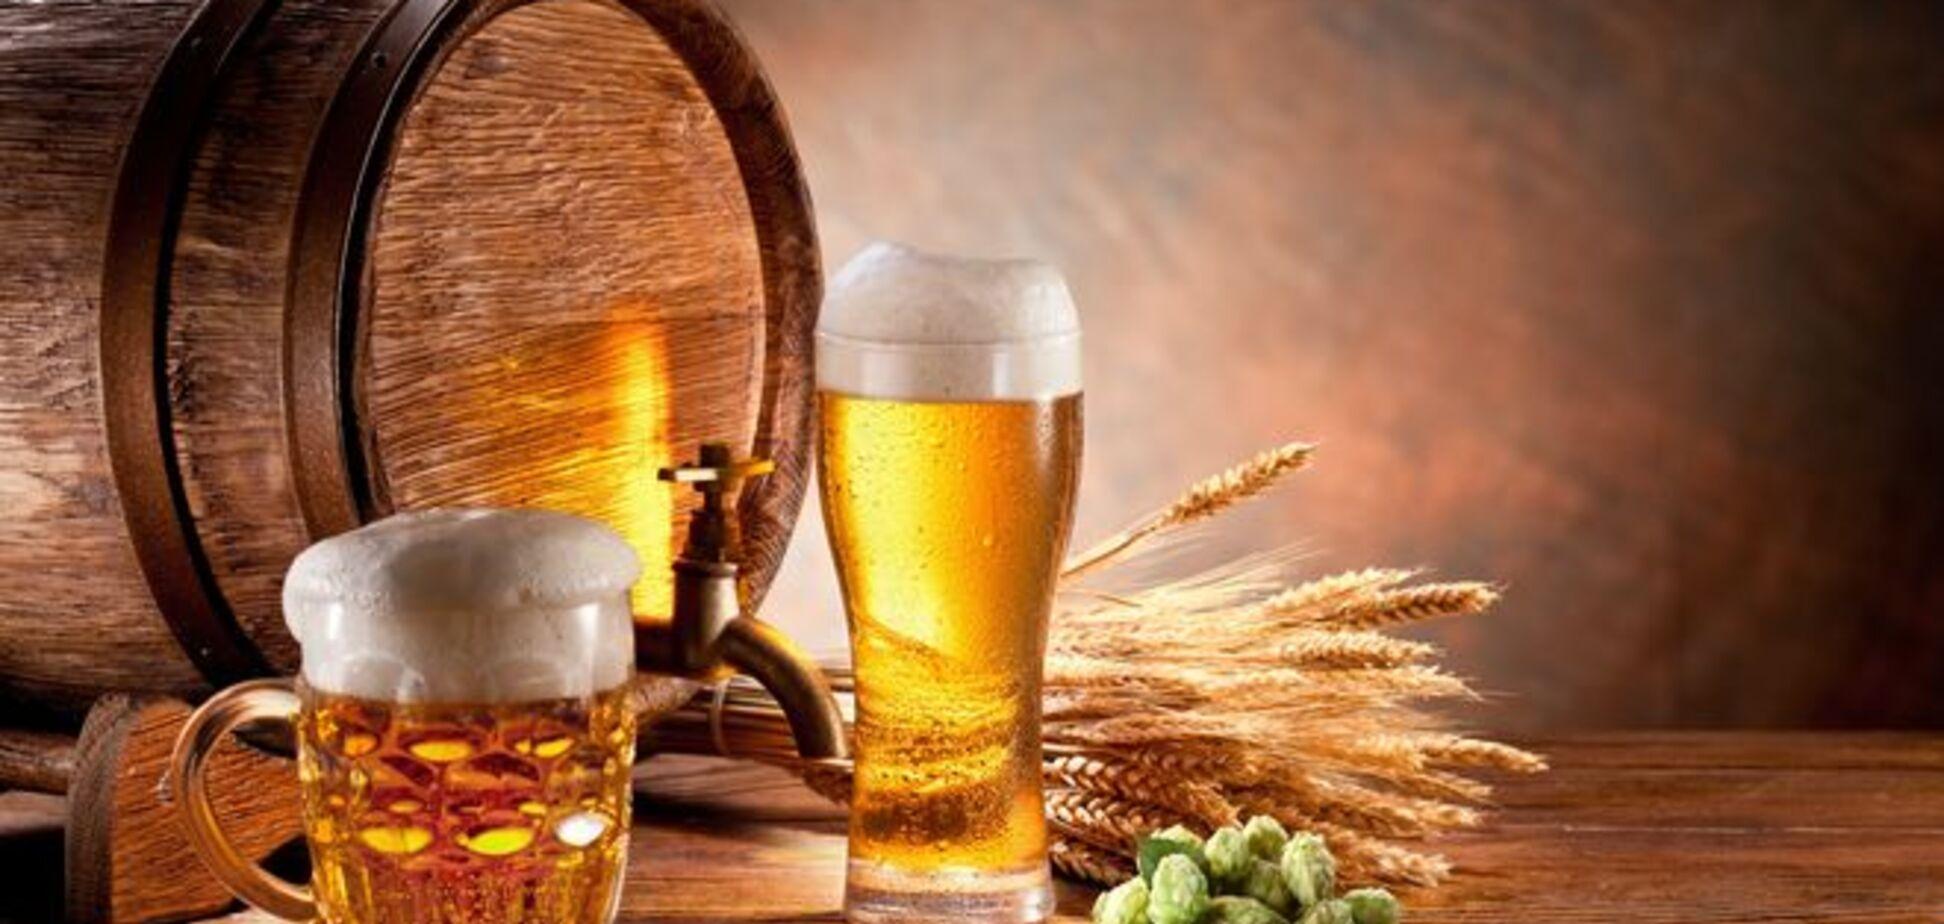 Раскрыт секрет пива, которое омолаживает организм